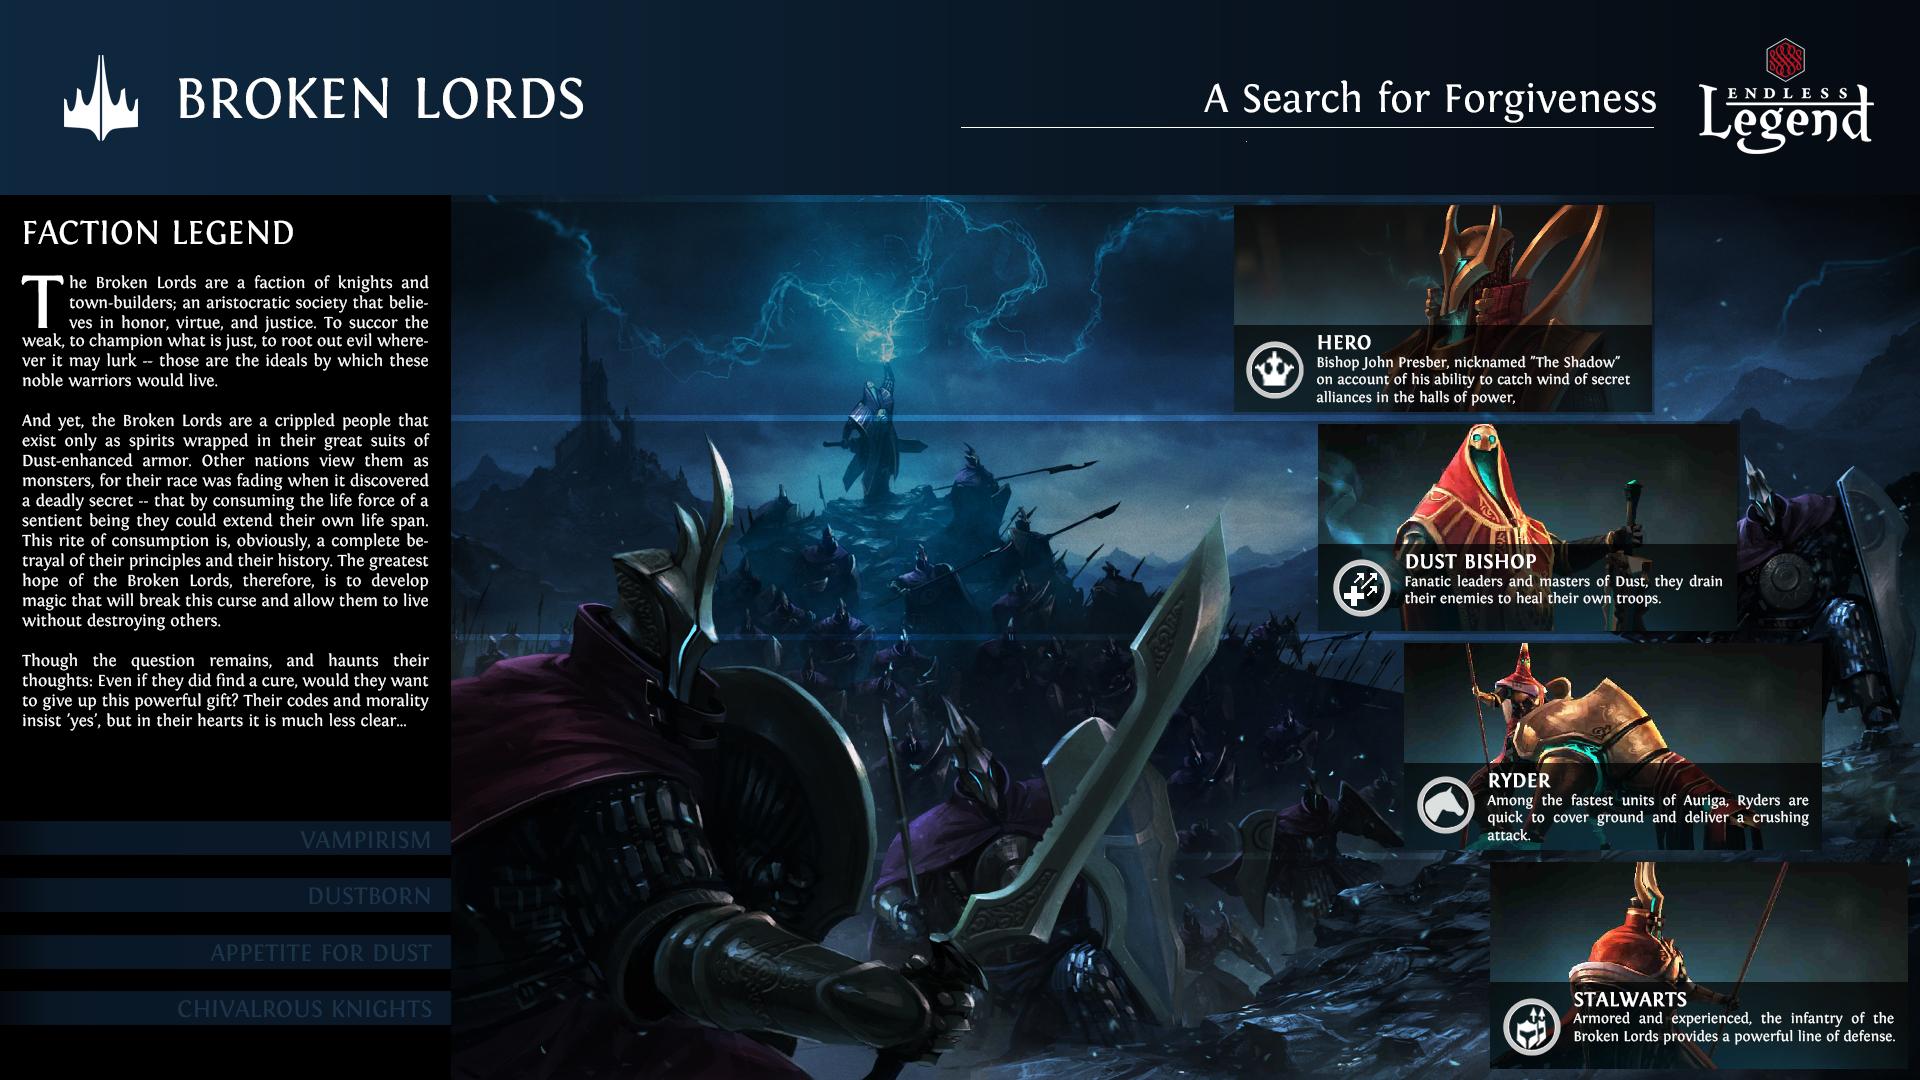 Endless legend pc review brutal gamer - Endless legend broken lords ...